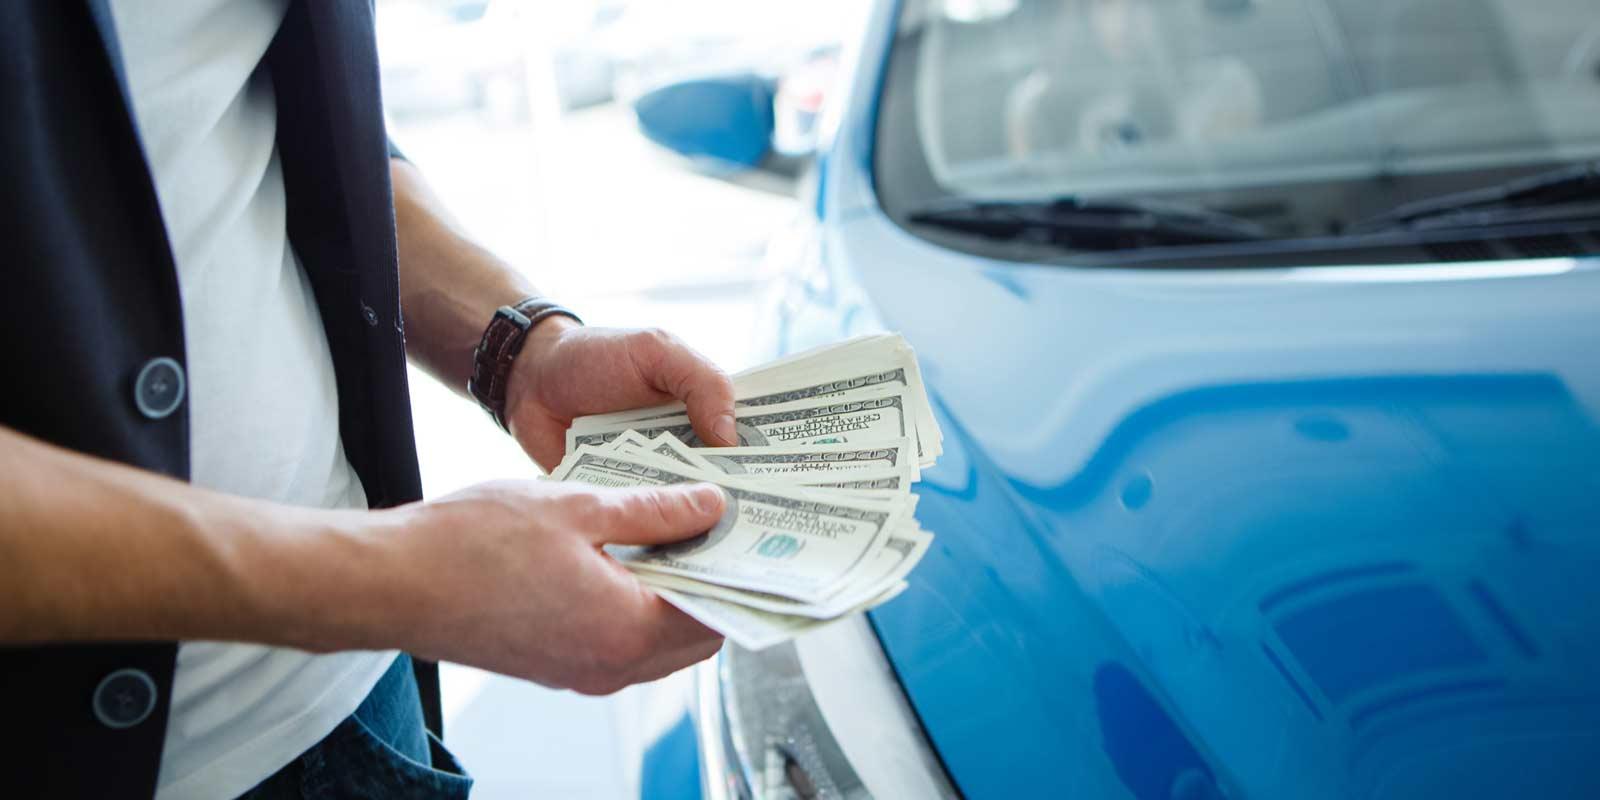 Доходы и расходы при сдаче авто в аренду